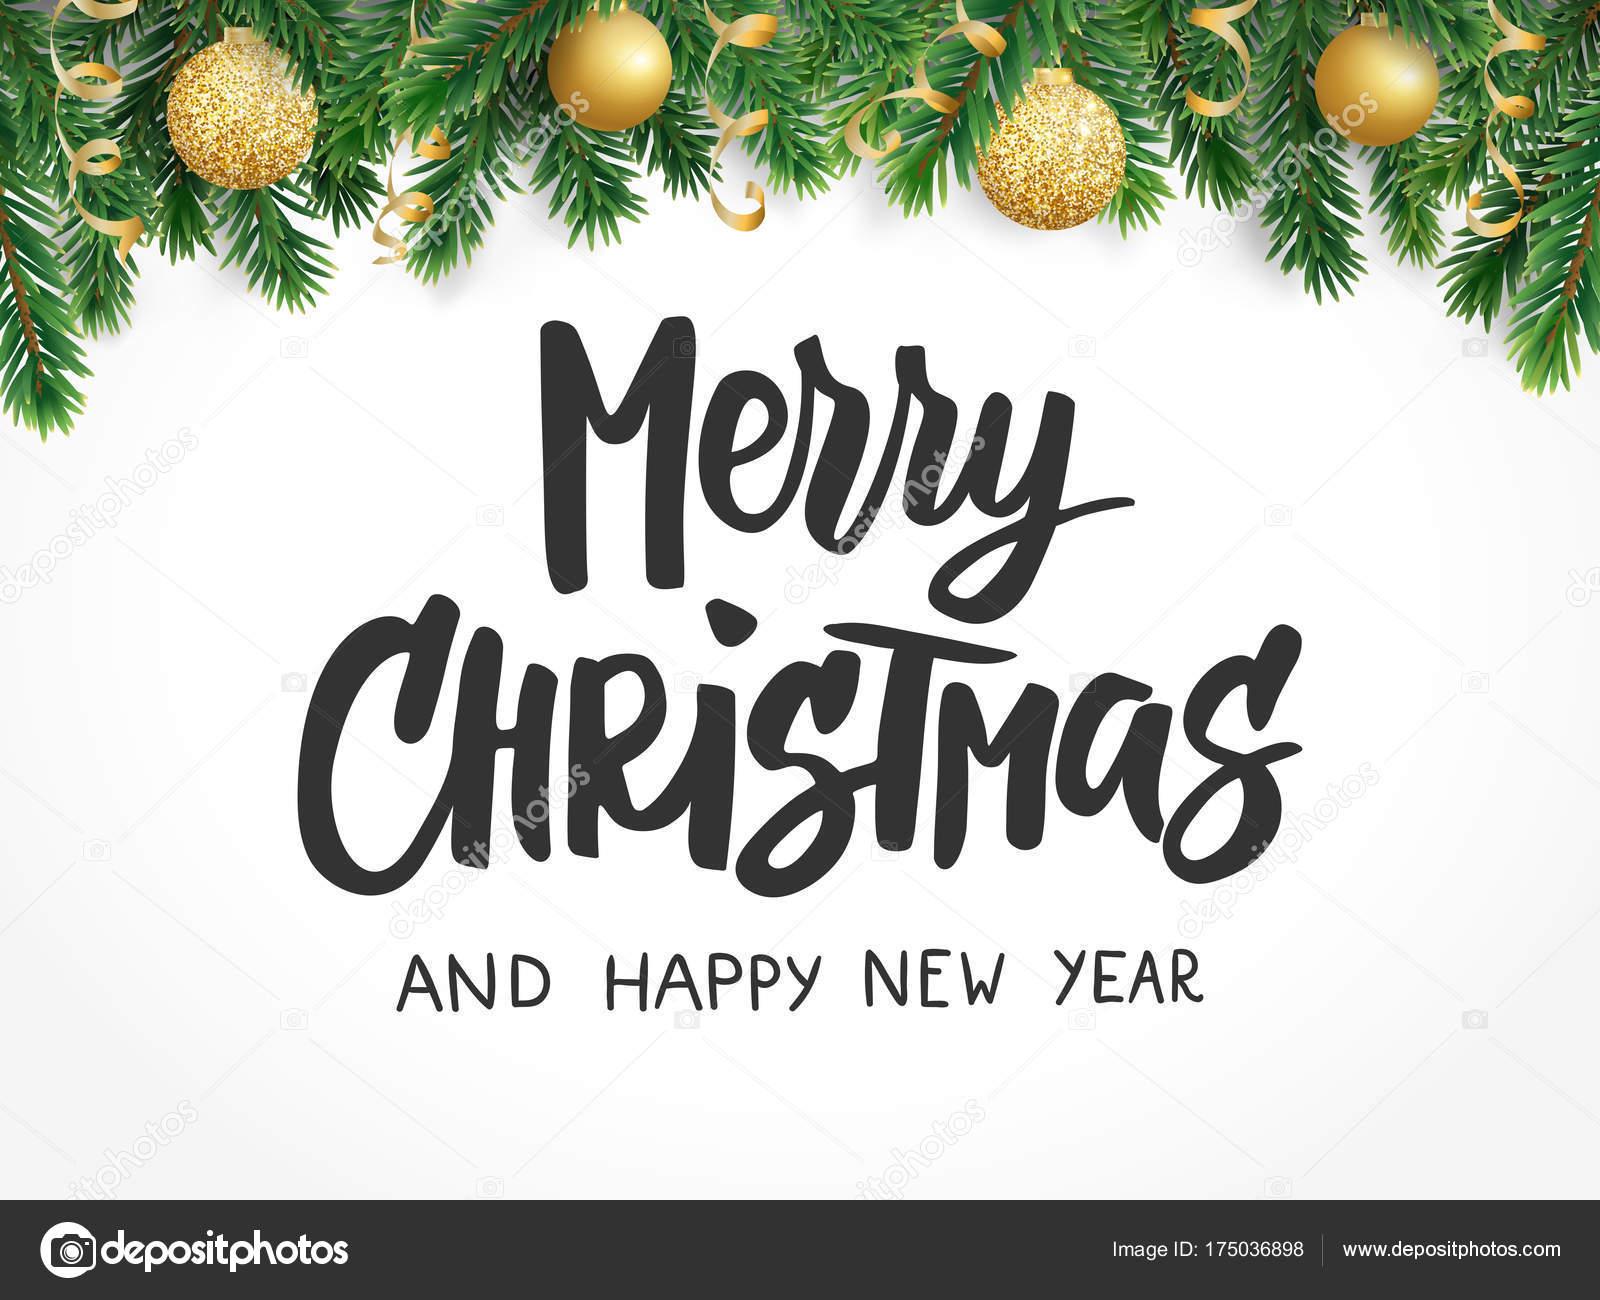 Geschenkanhänger Frohe Weihnachten.Frohe Weihnachten Text Baum Tannenzweigen Und Weihnachtskugeln